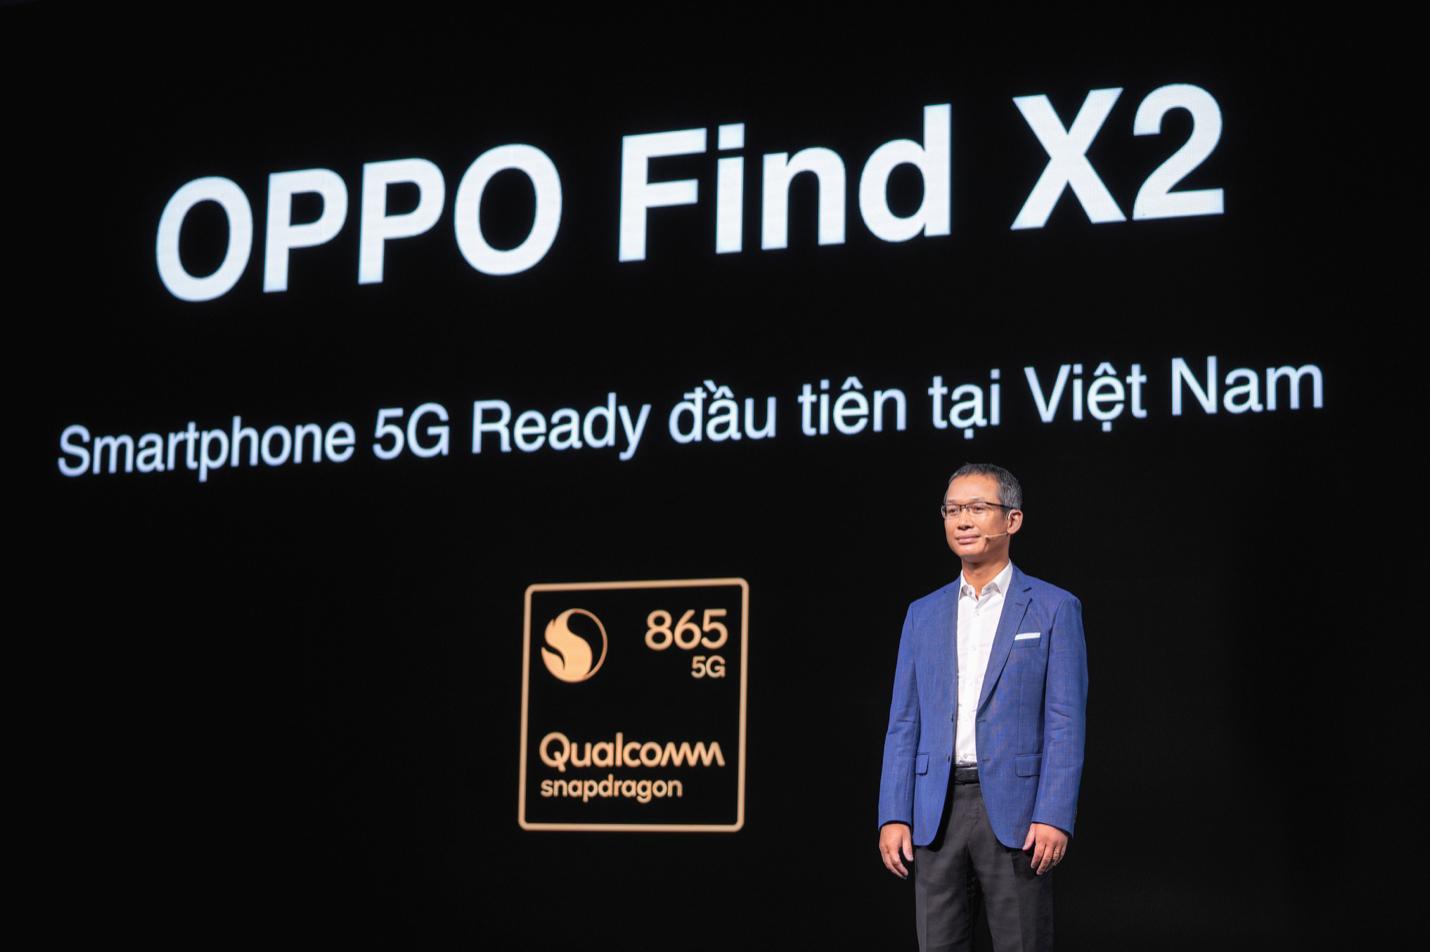 OPPO Find X2 - Flagship tiên phong cho tương lai 5G tại Việt Nam - Ảnh 2.